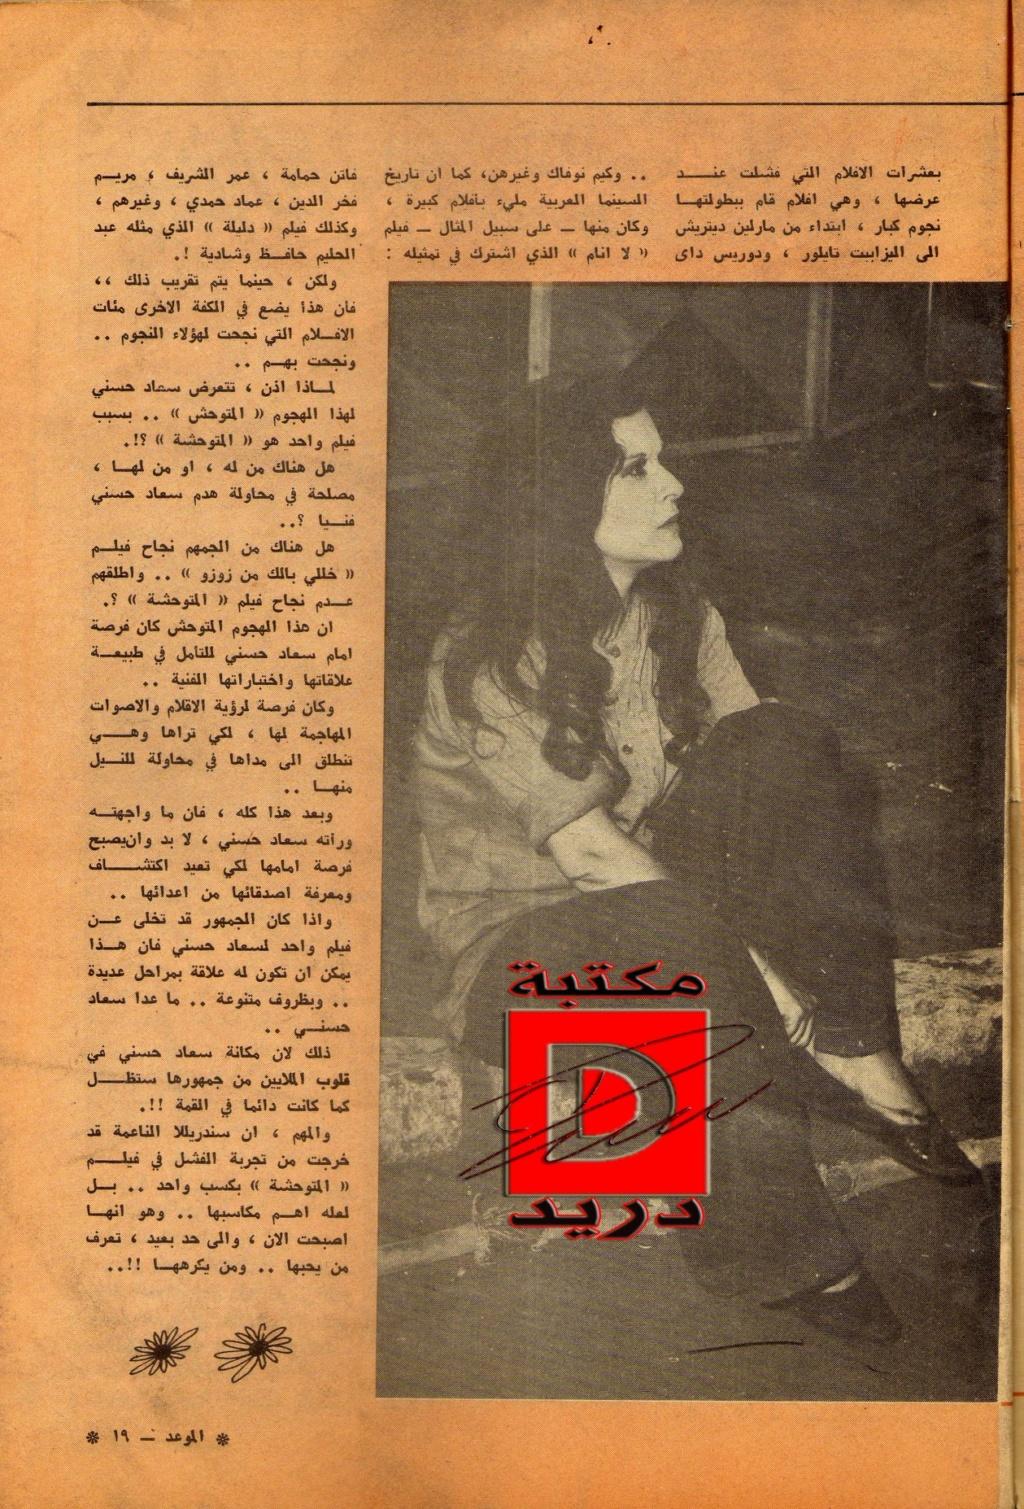 مقال - مقال صحفي : سعاد حسني هل عرفت الآن .. من يحبّها و .. يكرهها ؟! 1979 م 415